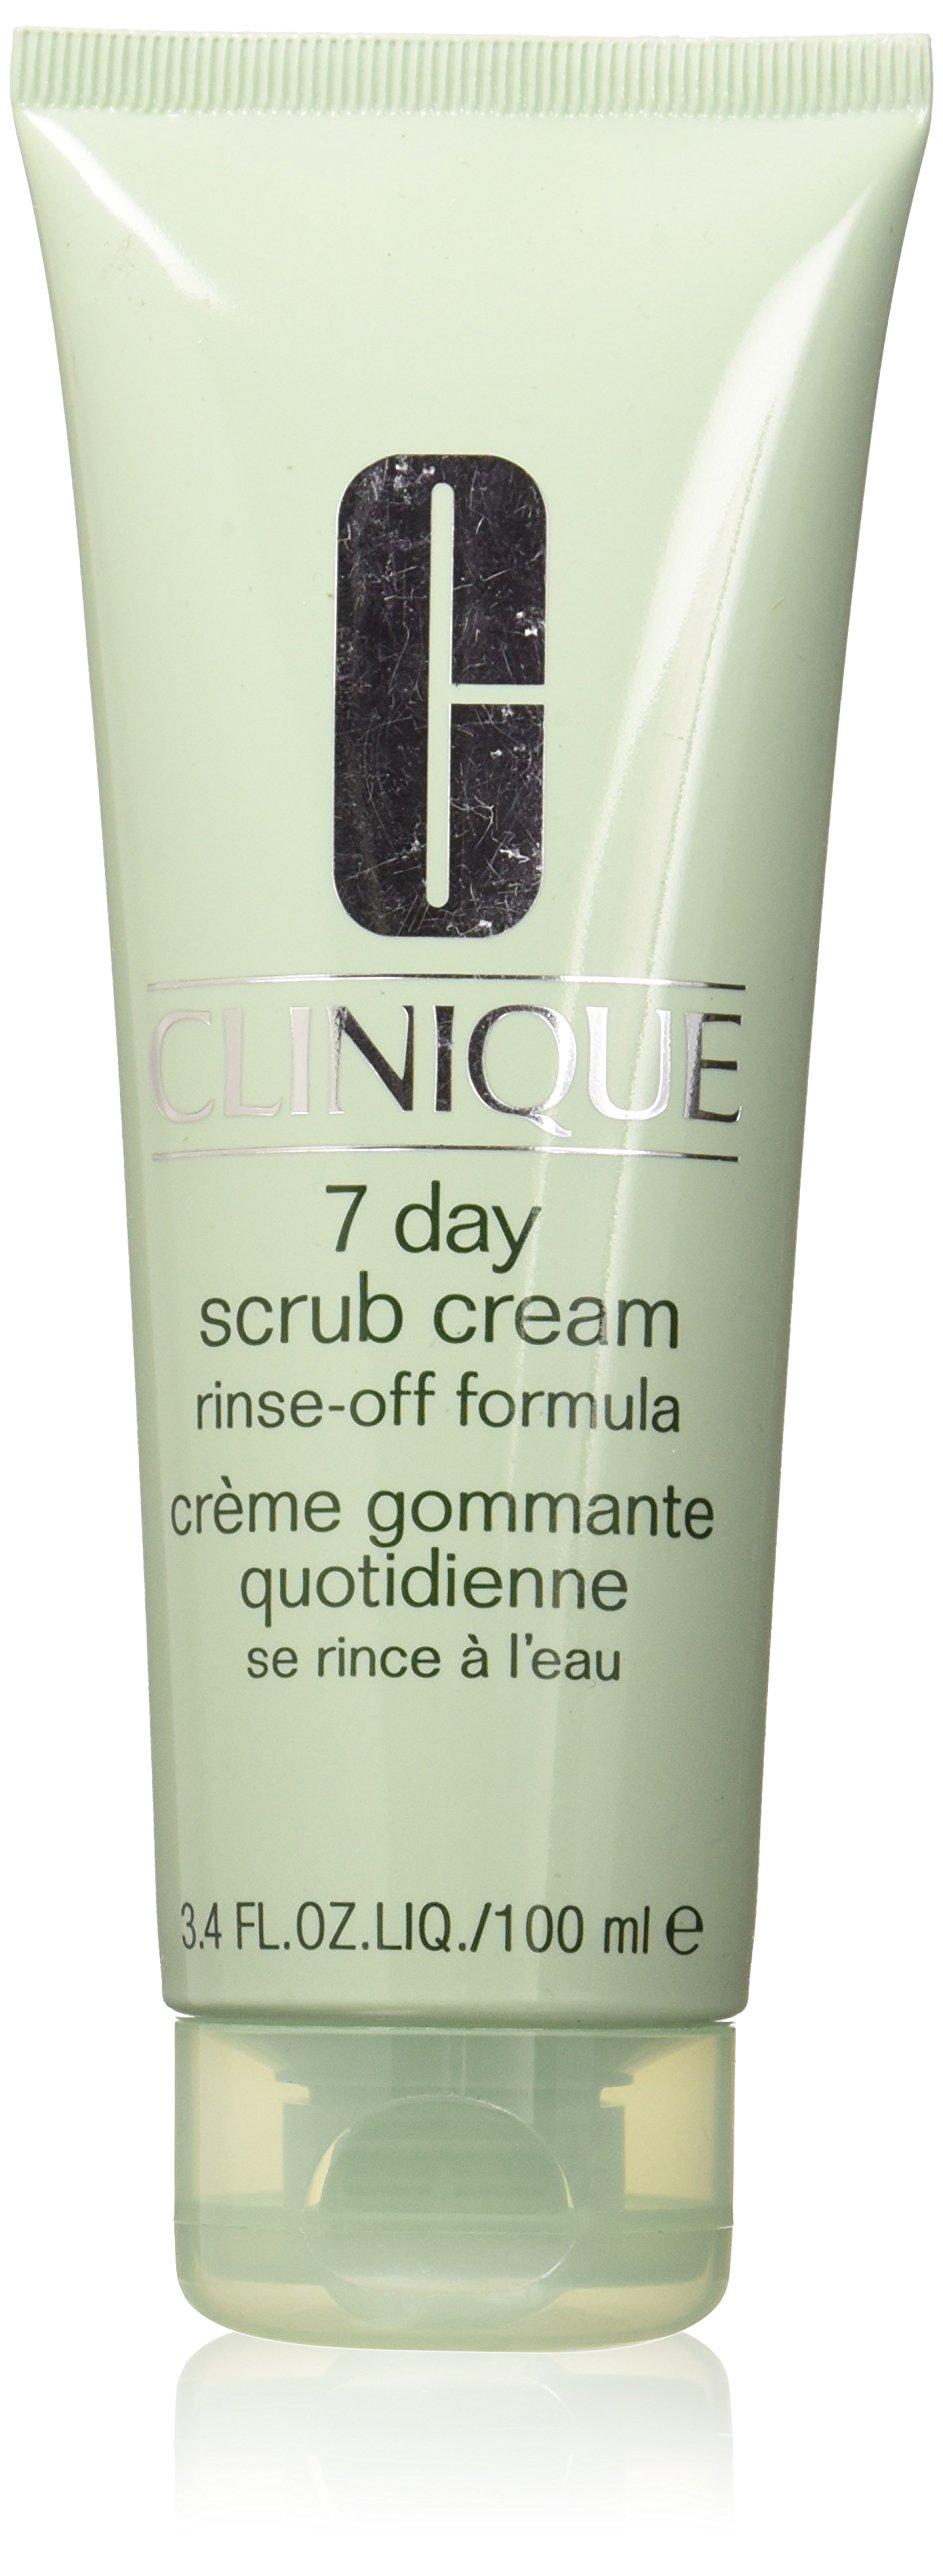 Clinique 7 Day Scrub Cream Rinse Off Formula, 3.4 Ounce by Clinique